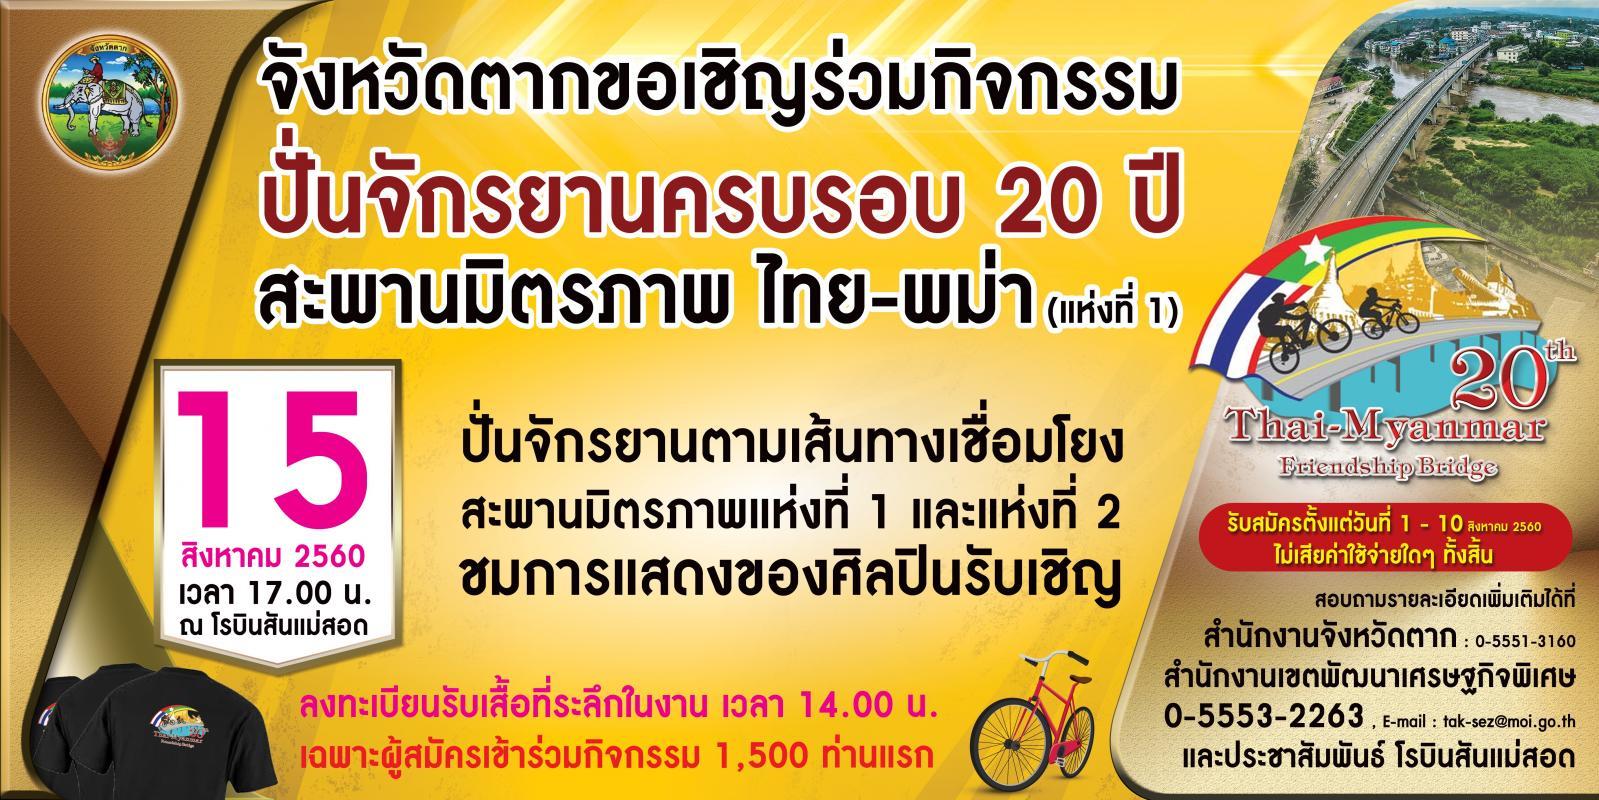 ขอเชิญร่วมกิจกรรมปั่นจักรยานครบรอบ 20 ปี สะพานมิตรภาพ ไทย - พม่า (แห่งที่ 1) ในวันที่ 15 สิงหาคม 2560 เวลา 17.00 น. ณ บริเวณโรบินสันแม่สอด อ.แม่สอด จ.ตาก